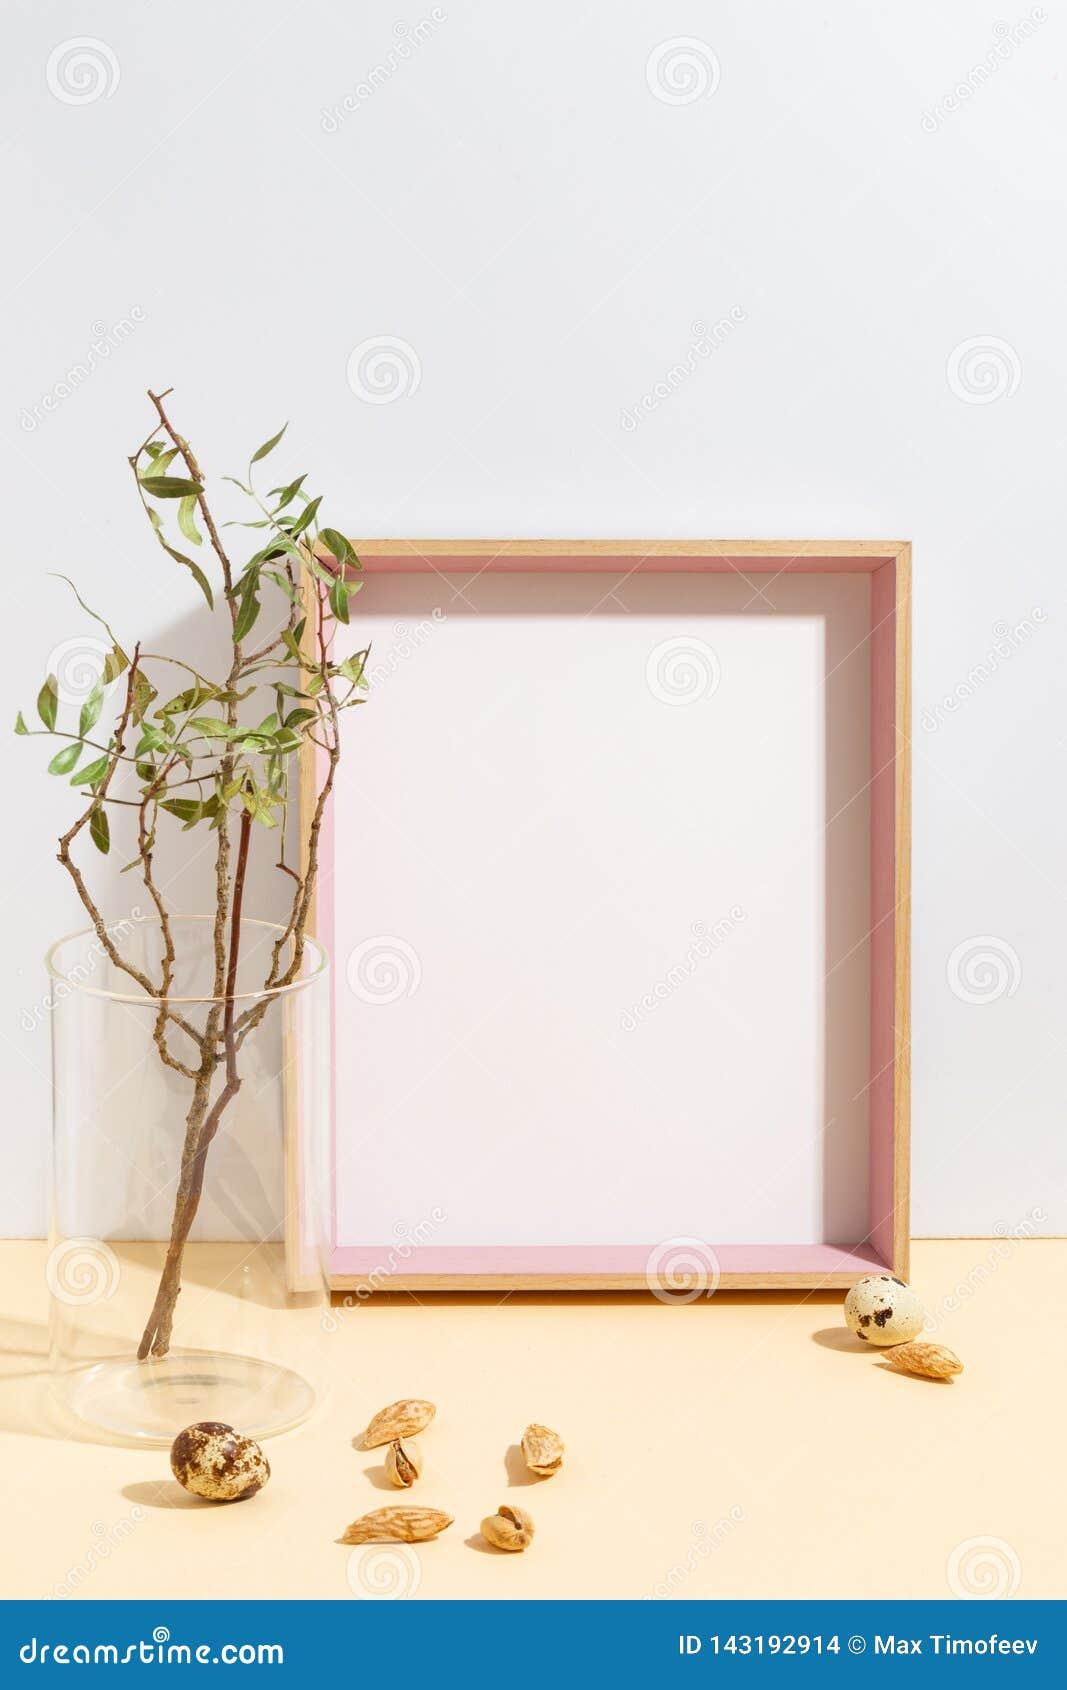 Zombaria acima do quadro branco e ramo com as folhas verdes no vaso azul na biblioteca ou na mesa Conceito de Minimalistic